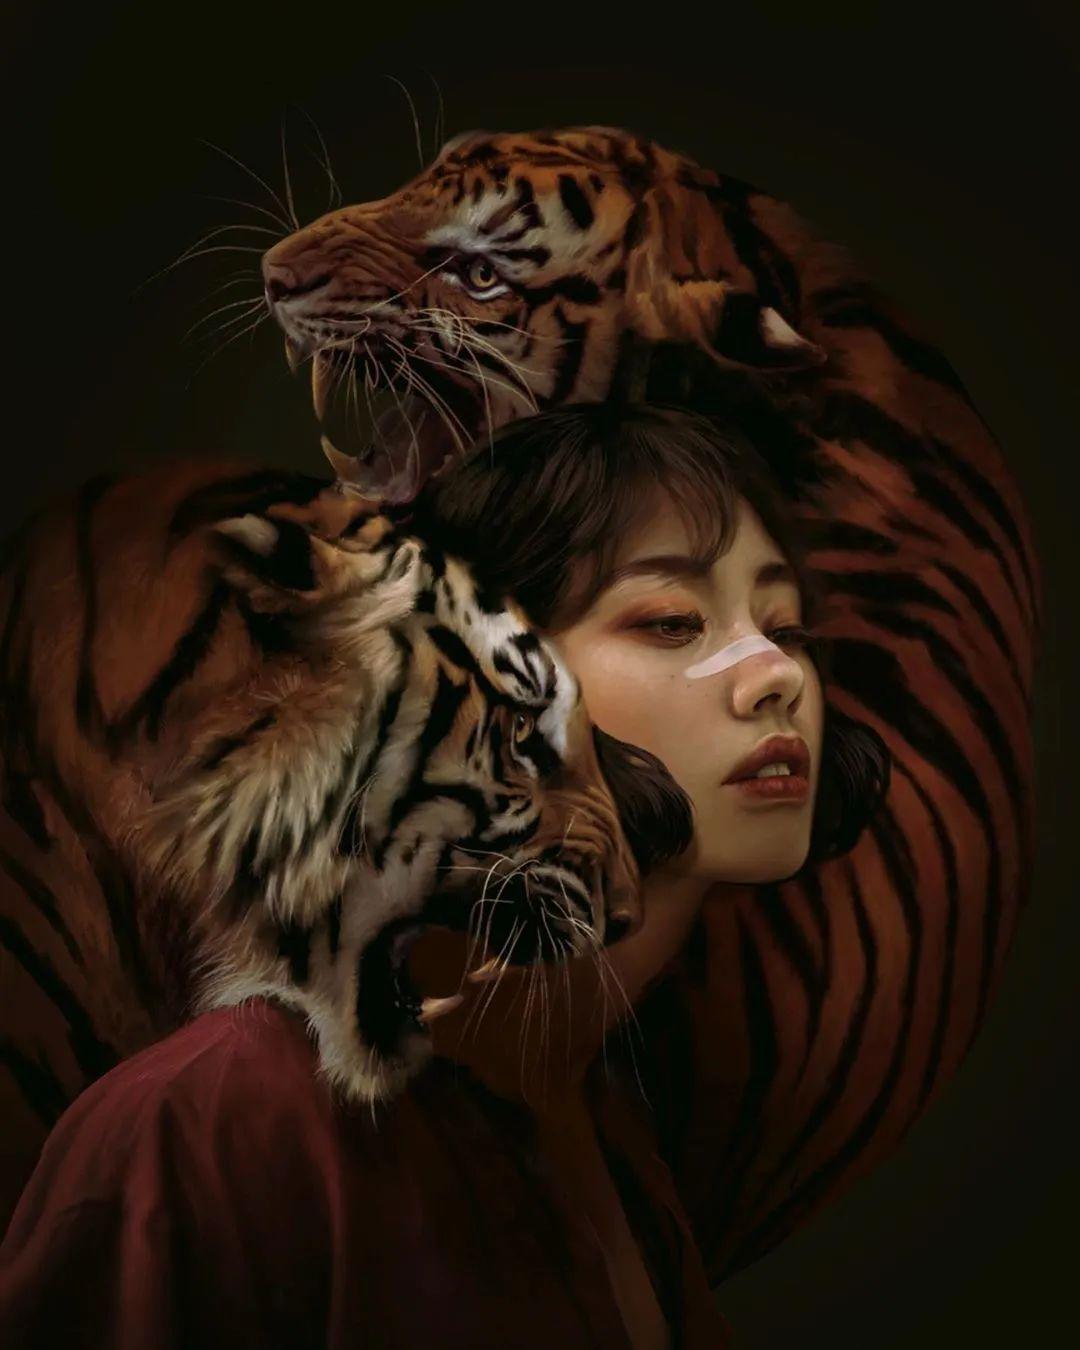 令人惊异的超现实主义肖像画,好有创意!插图17